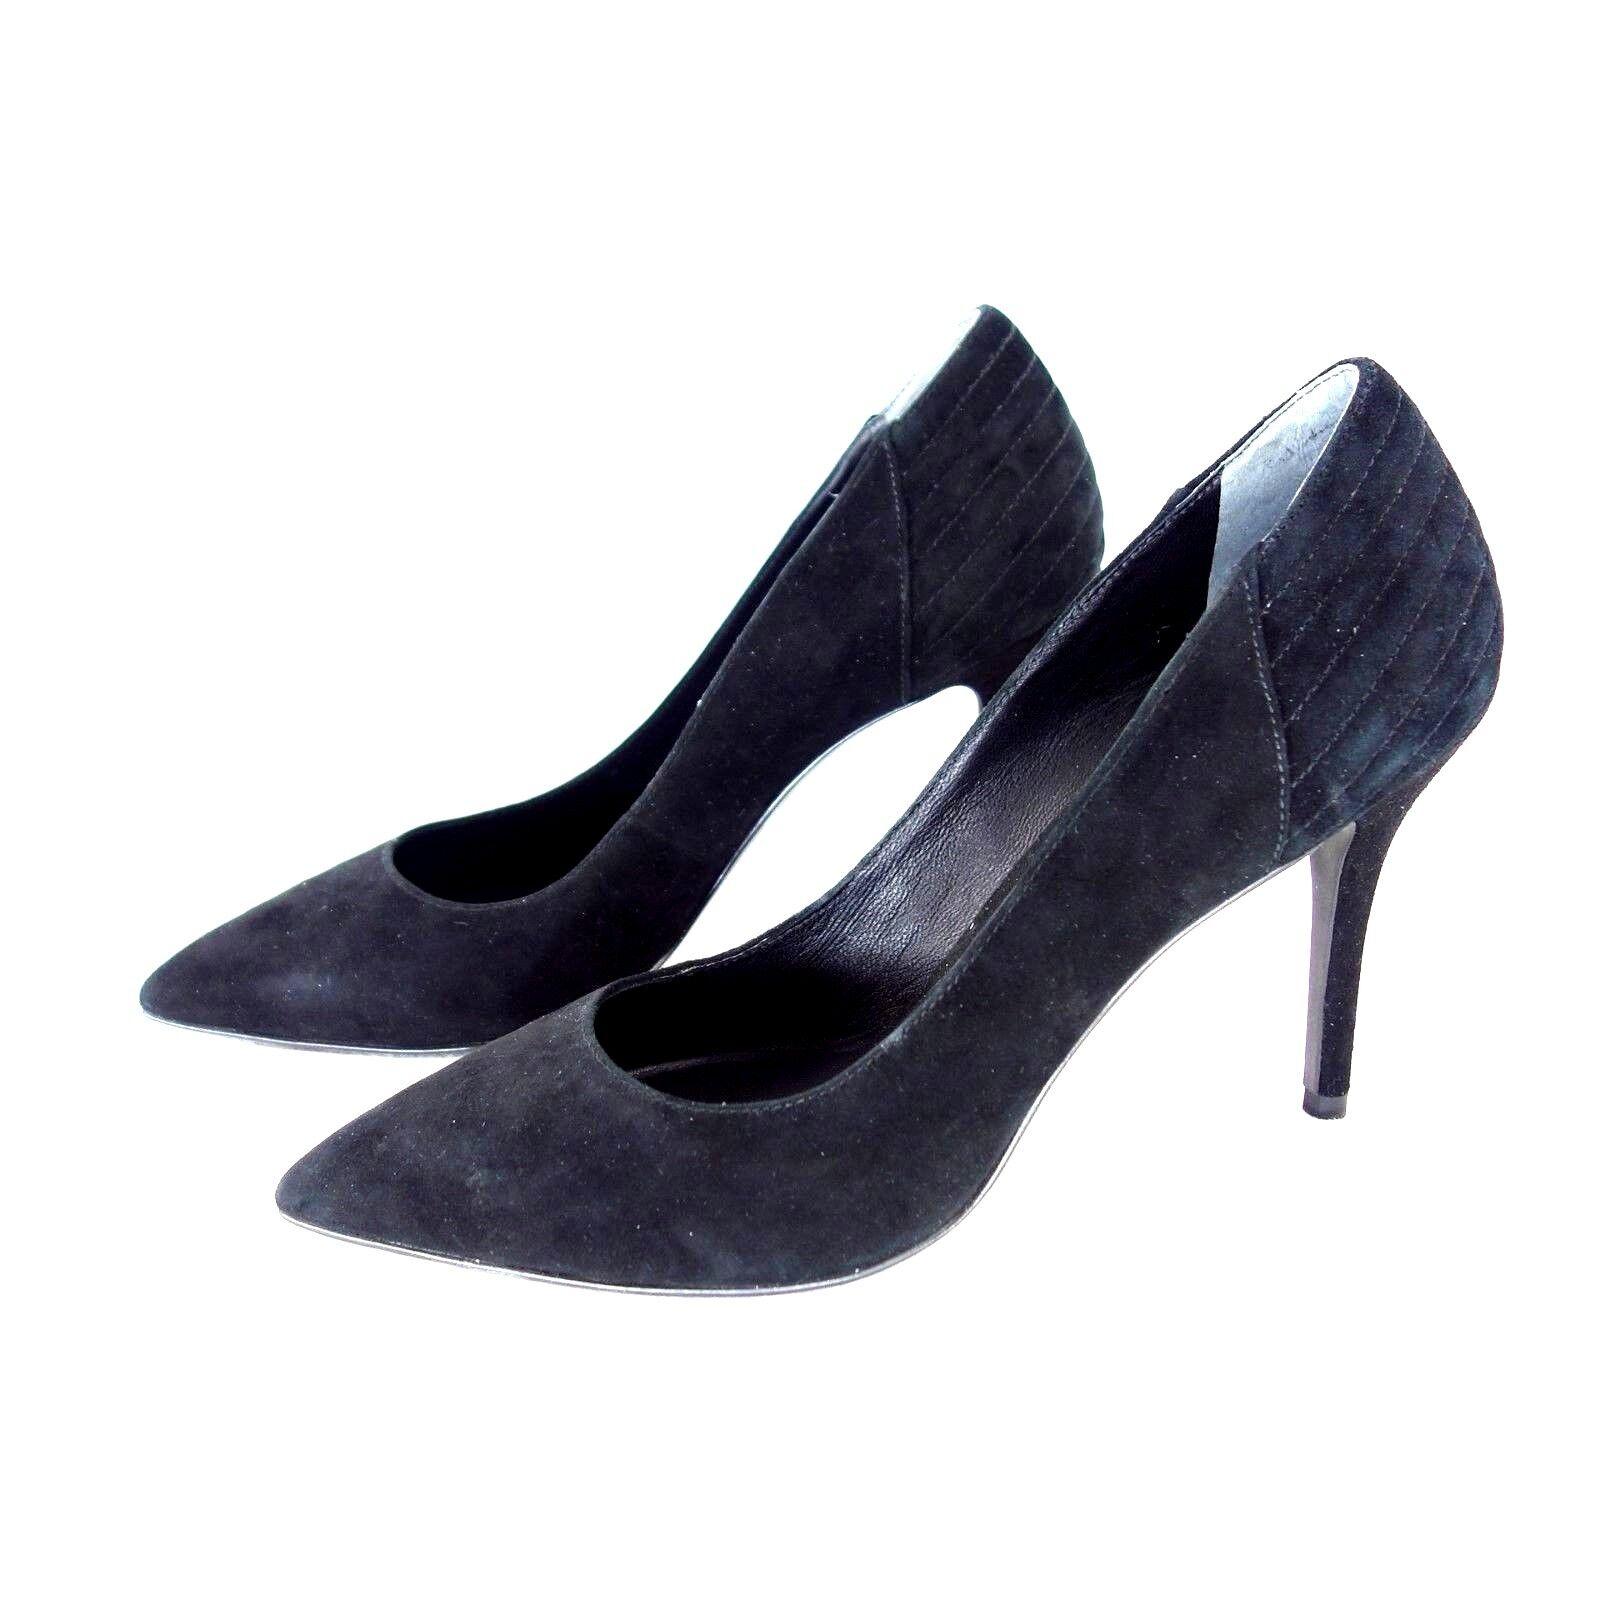 What pour chaussures femmes Escarpins 39 40 noir Cuir Talon Aiguille Np 129 Neuf